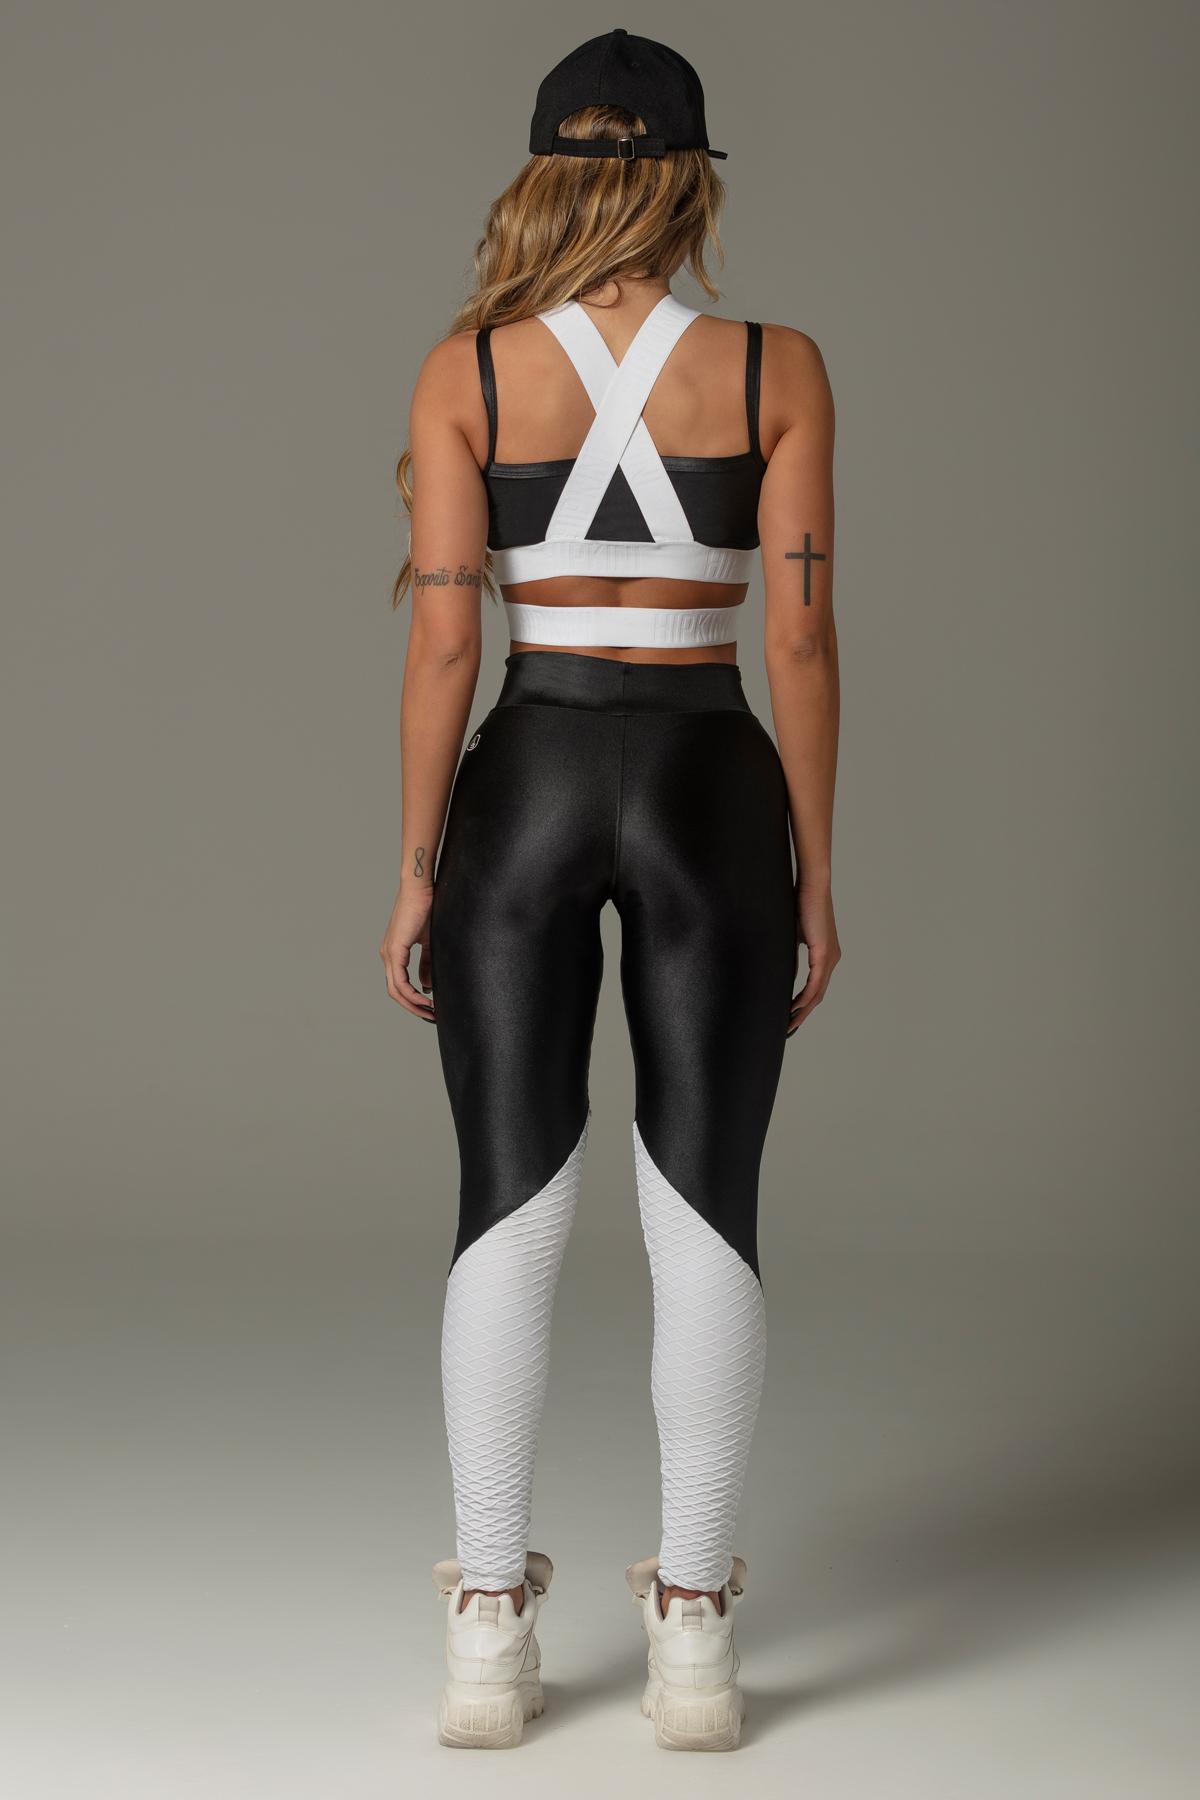 brasilianische-fitness-leggings-3338062